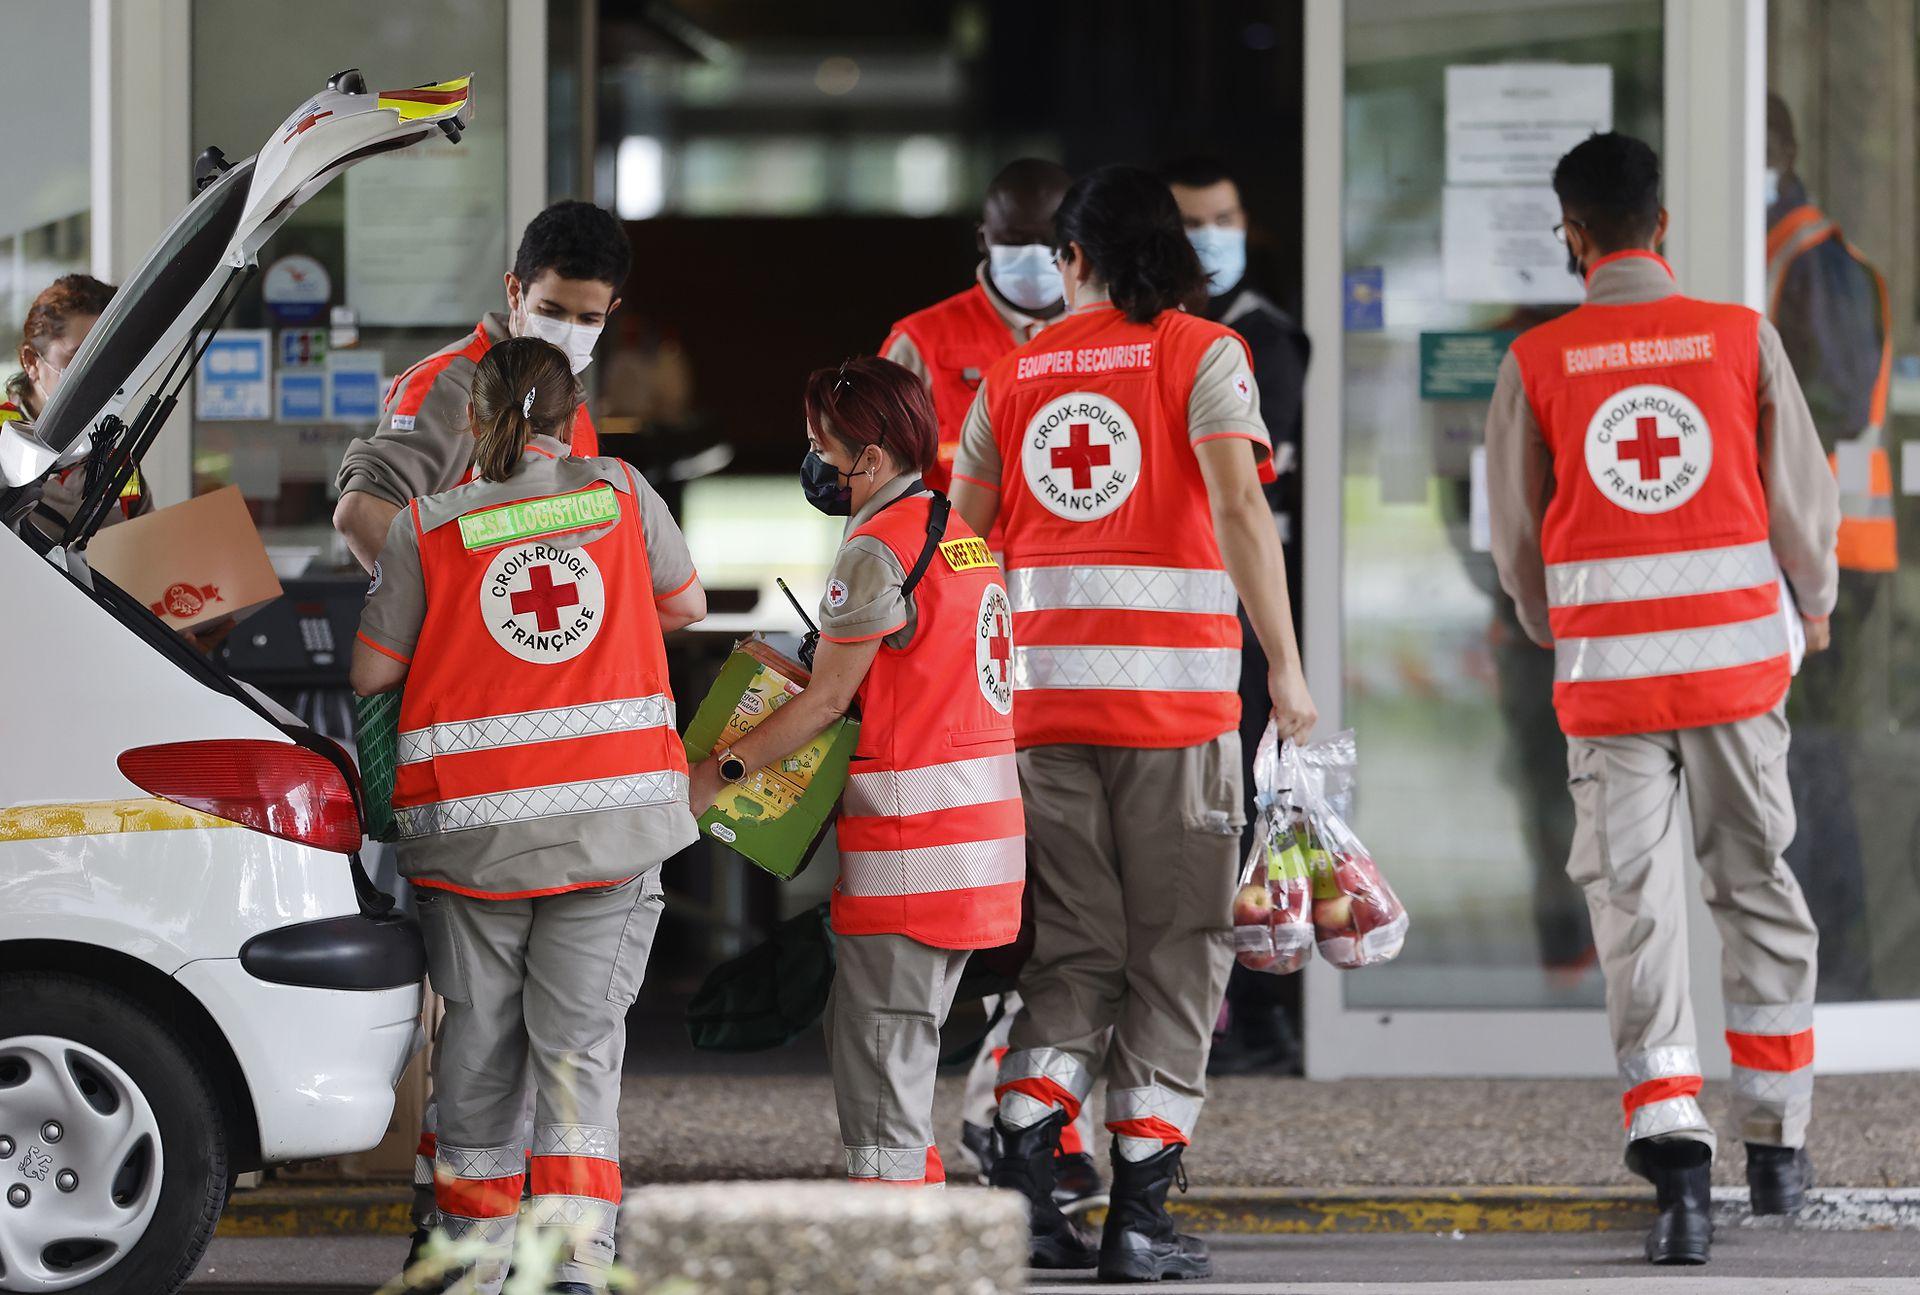 Voluntarios de la Cruz Roja ayudan a los heridos tras las explosiones